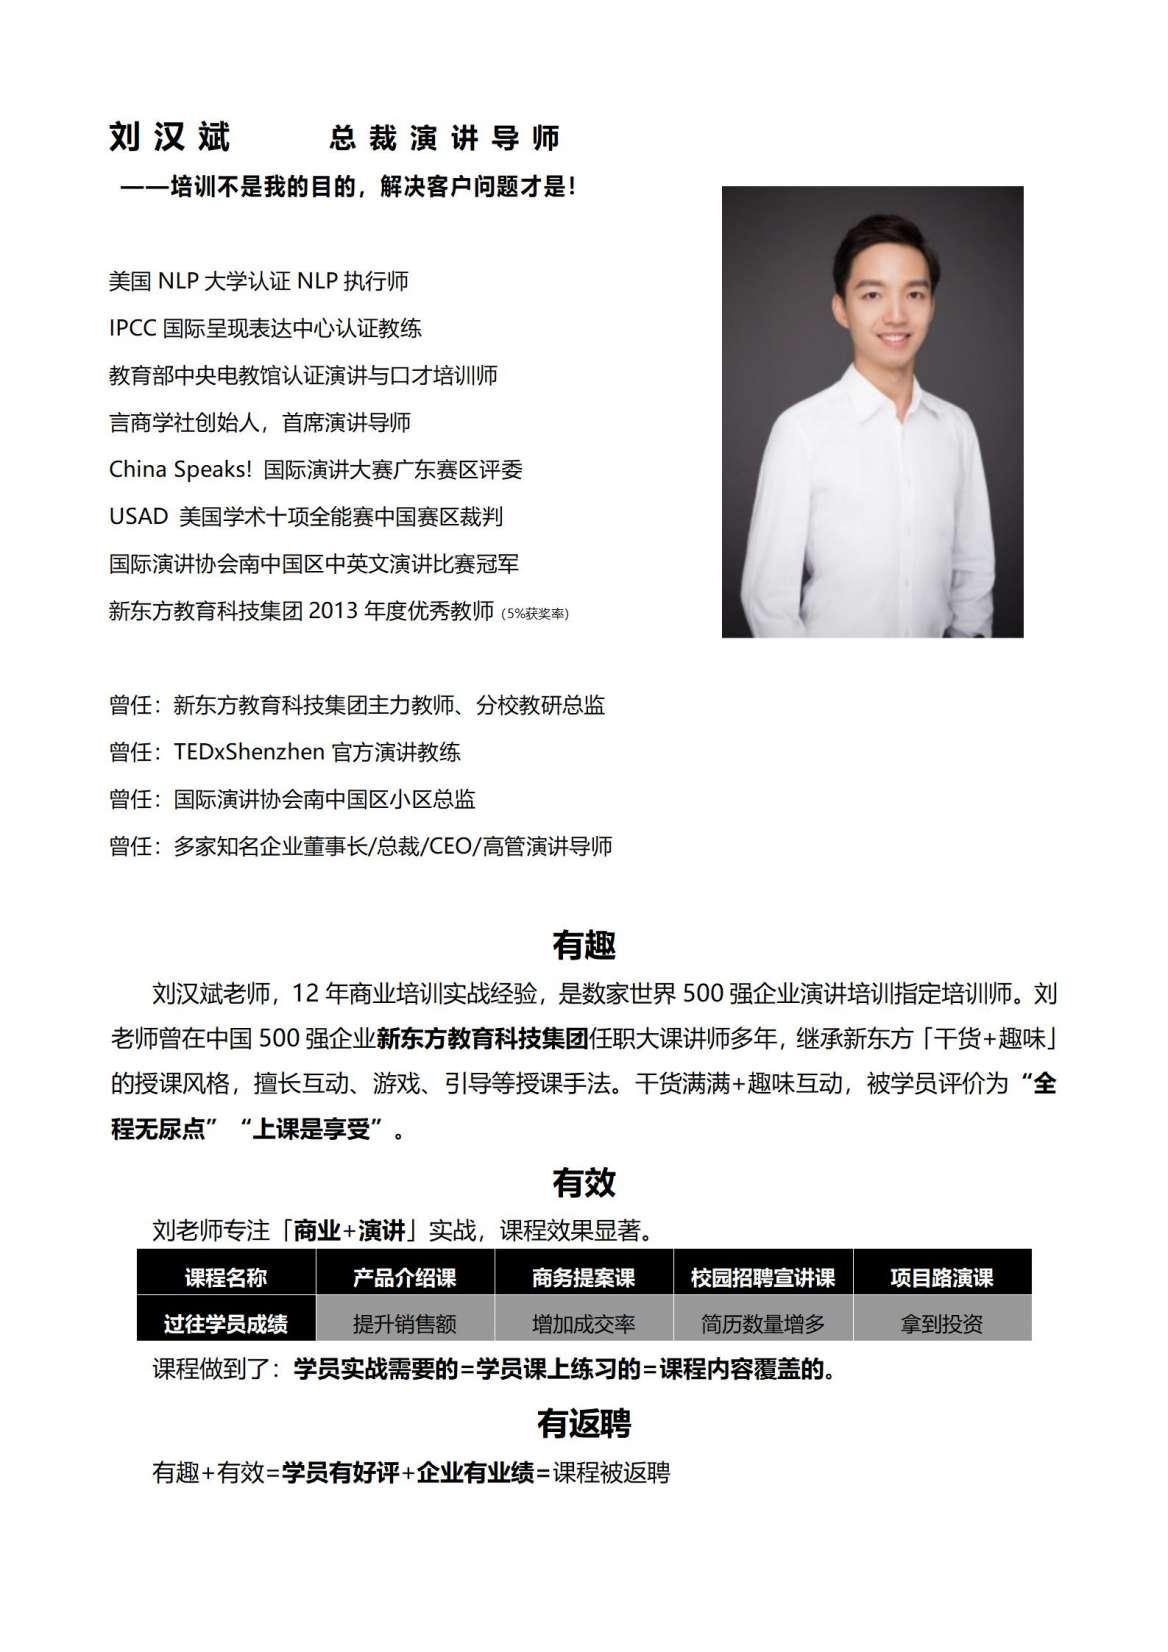 刘汉斌老师 简介_01